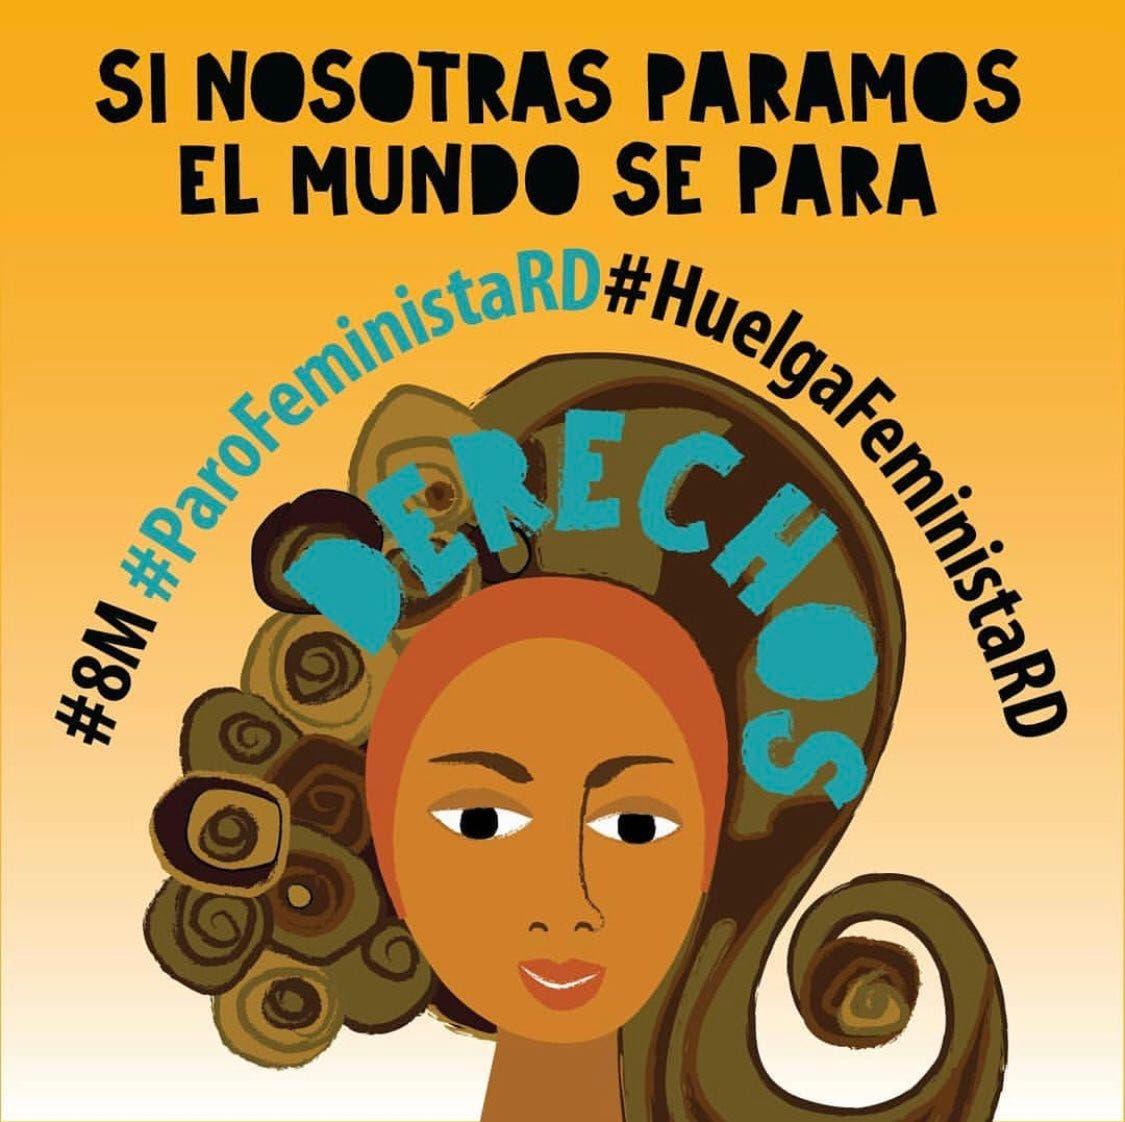 Día Internacional de la Mujer: Si nosotras paramos el mundo se para